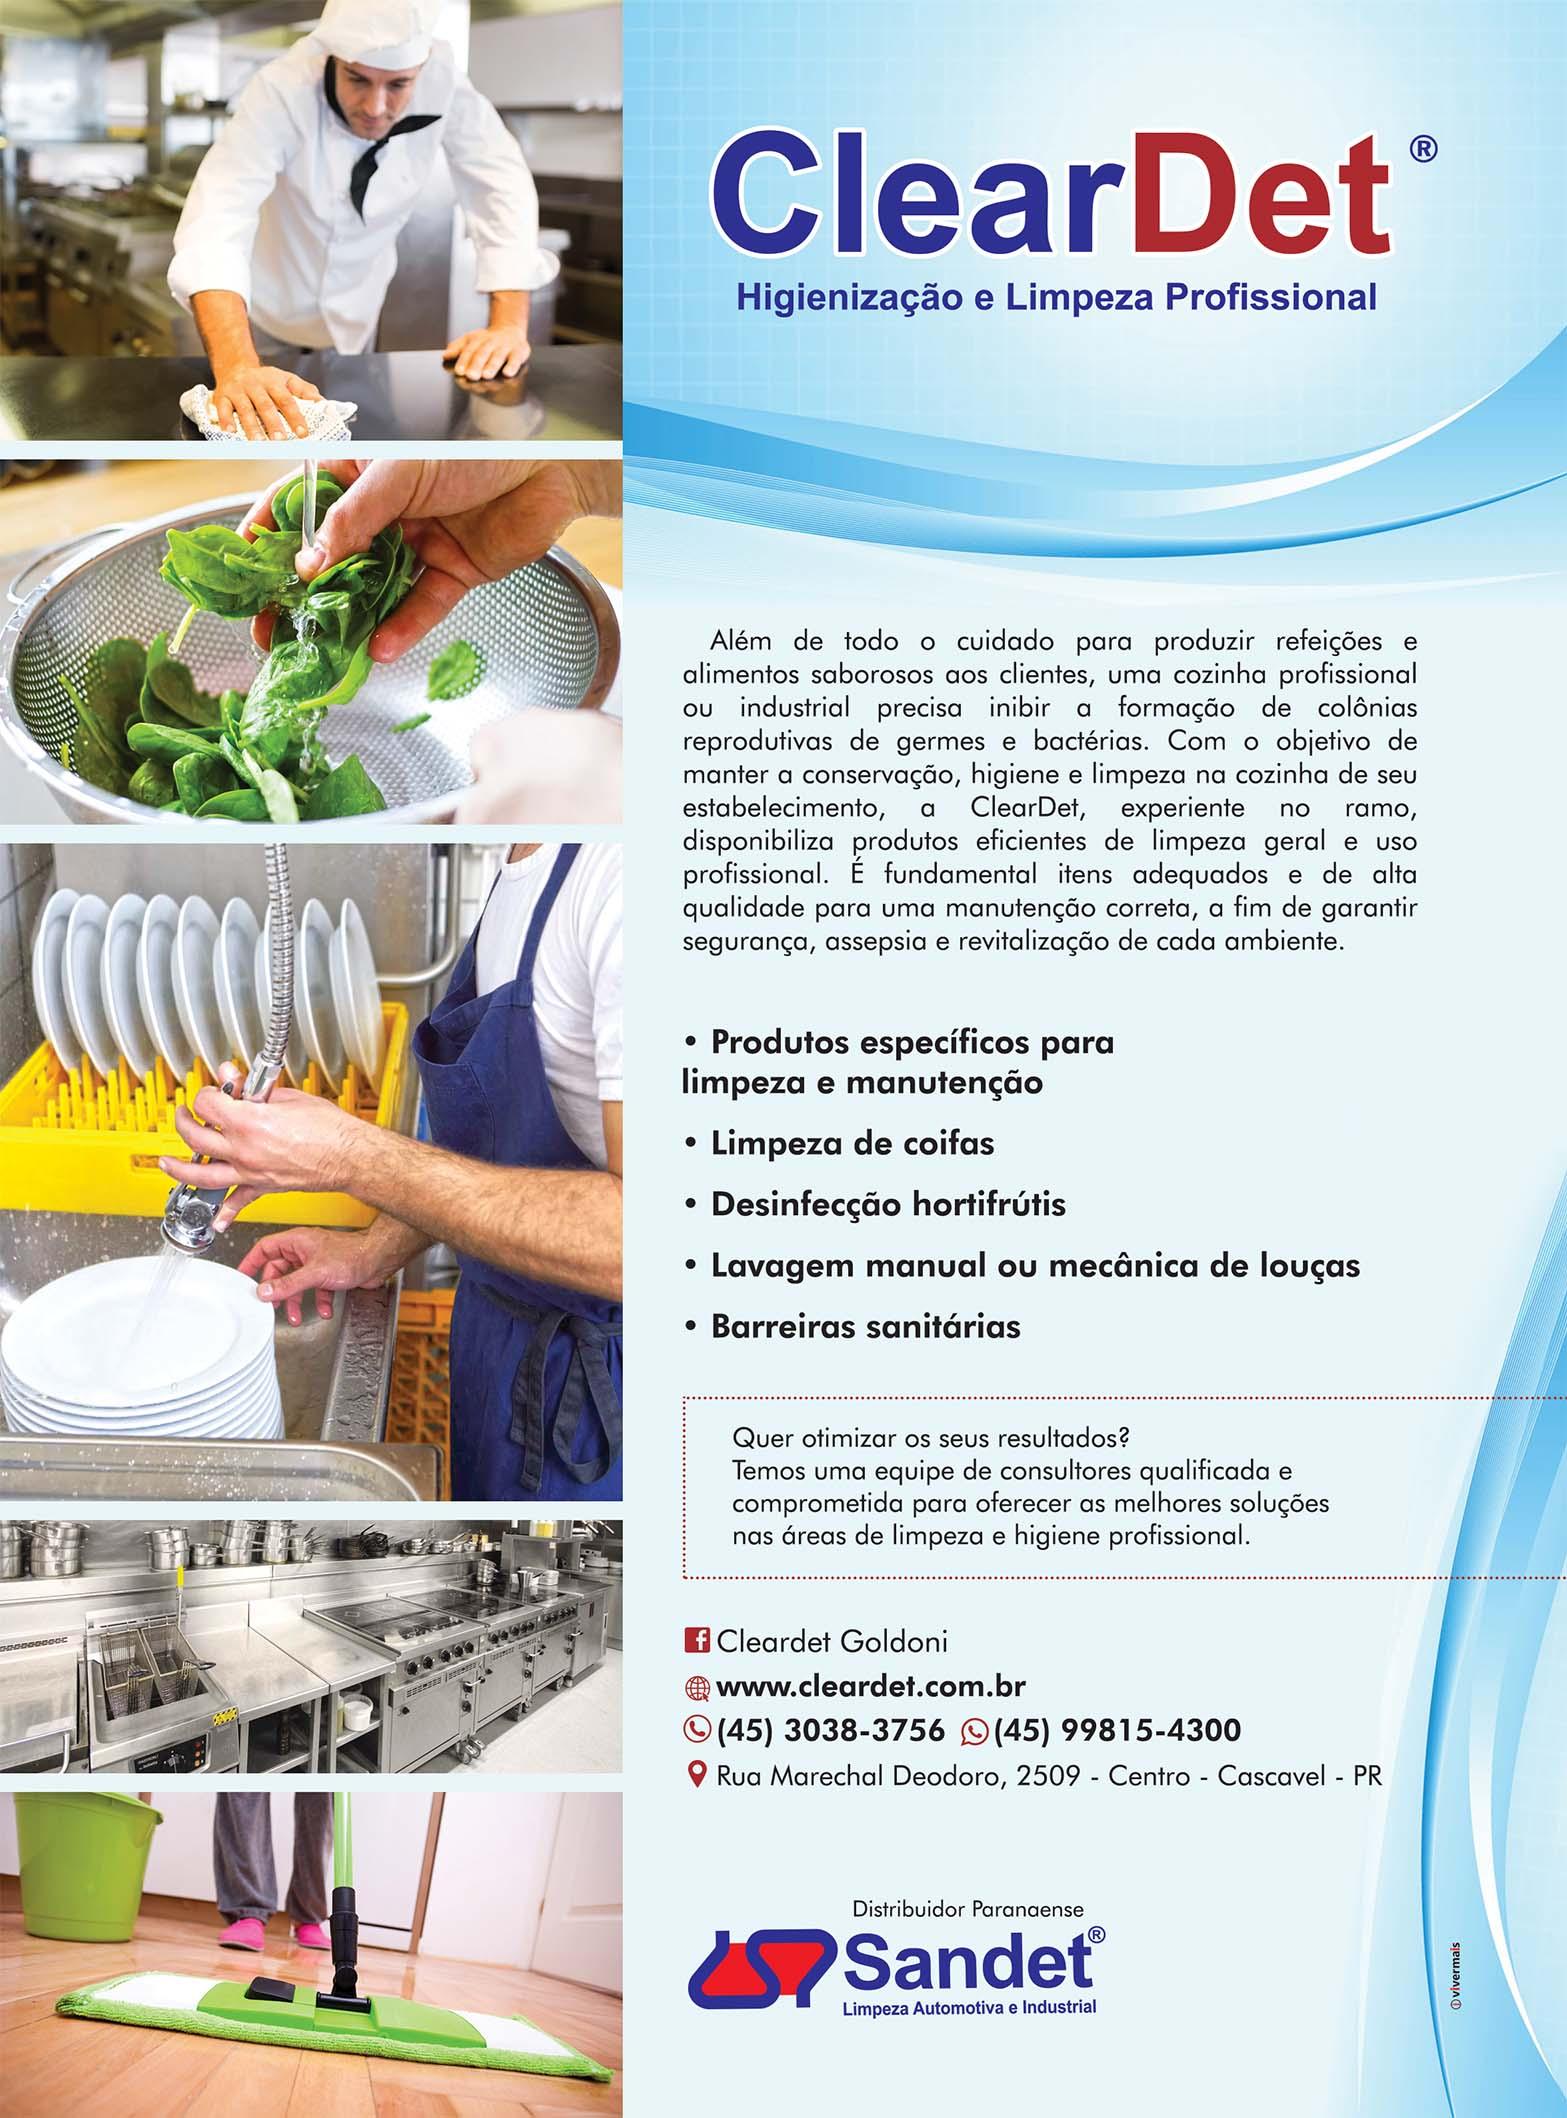 Viver Mais Gourmet Especialidade Cleardet Higieniza O E Limpeza